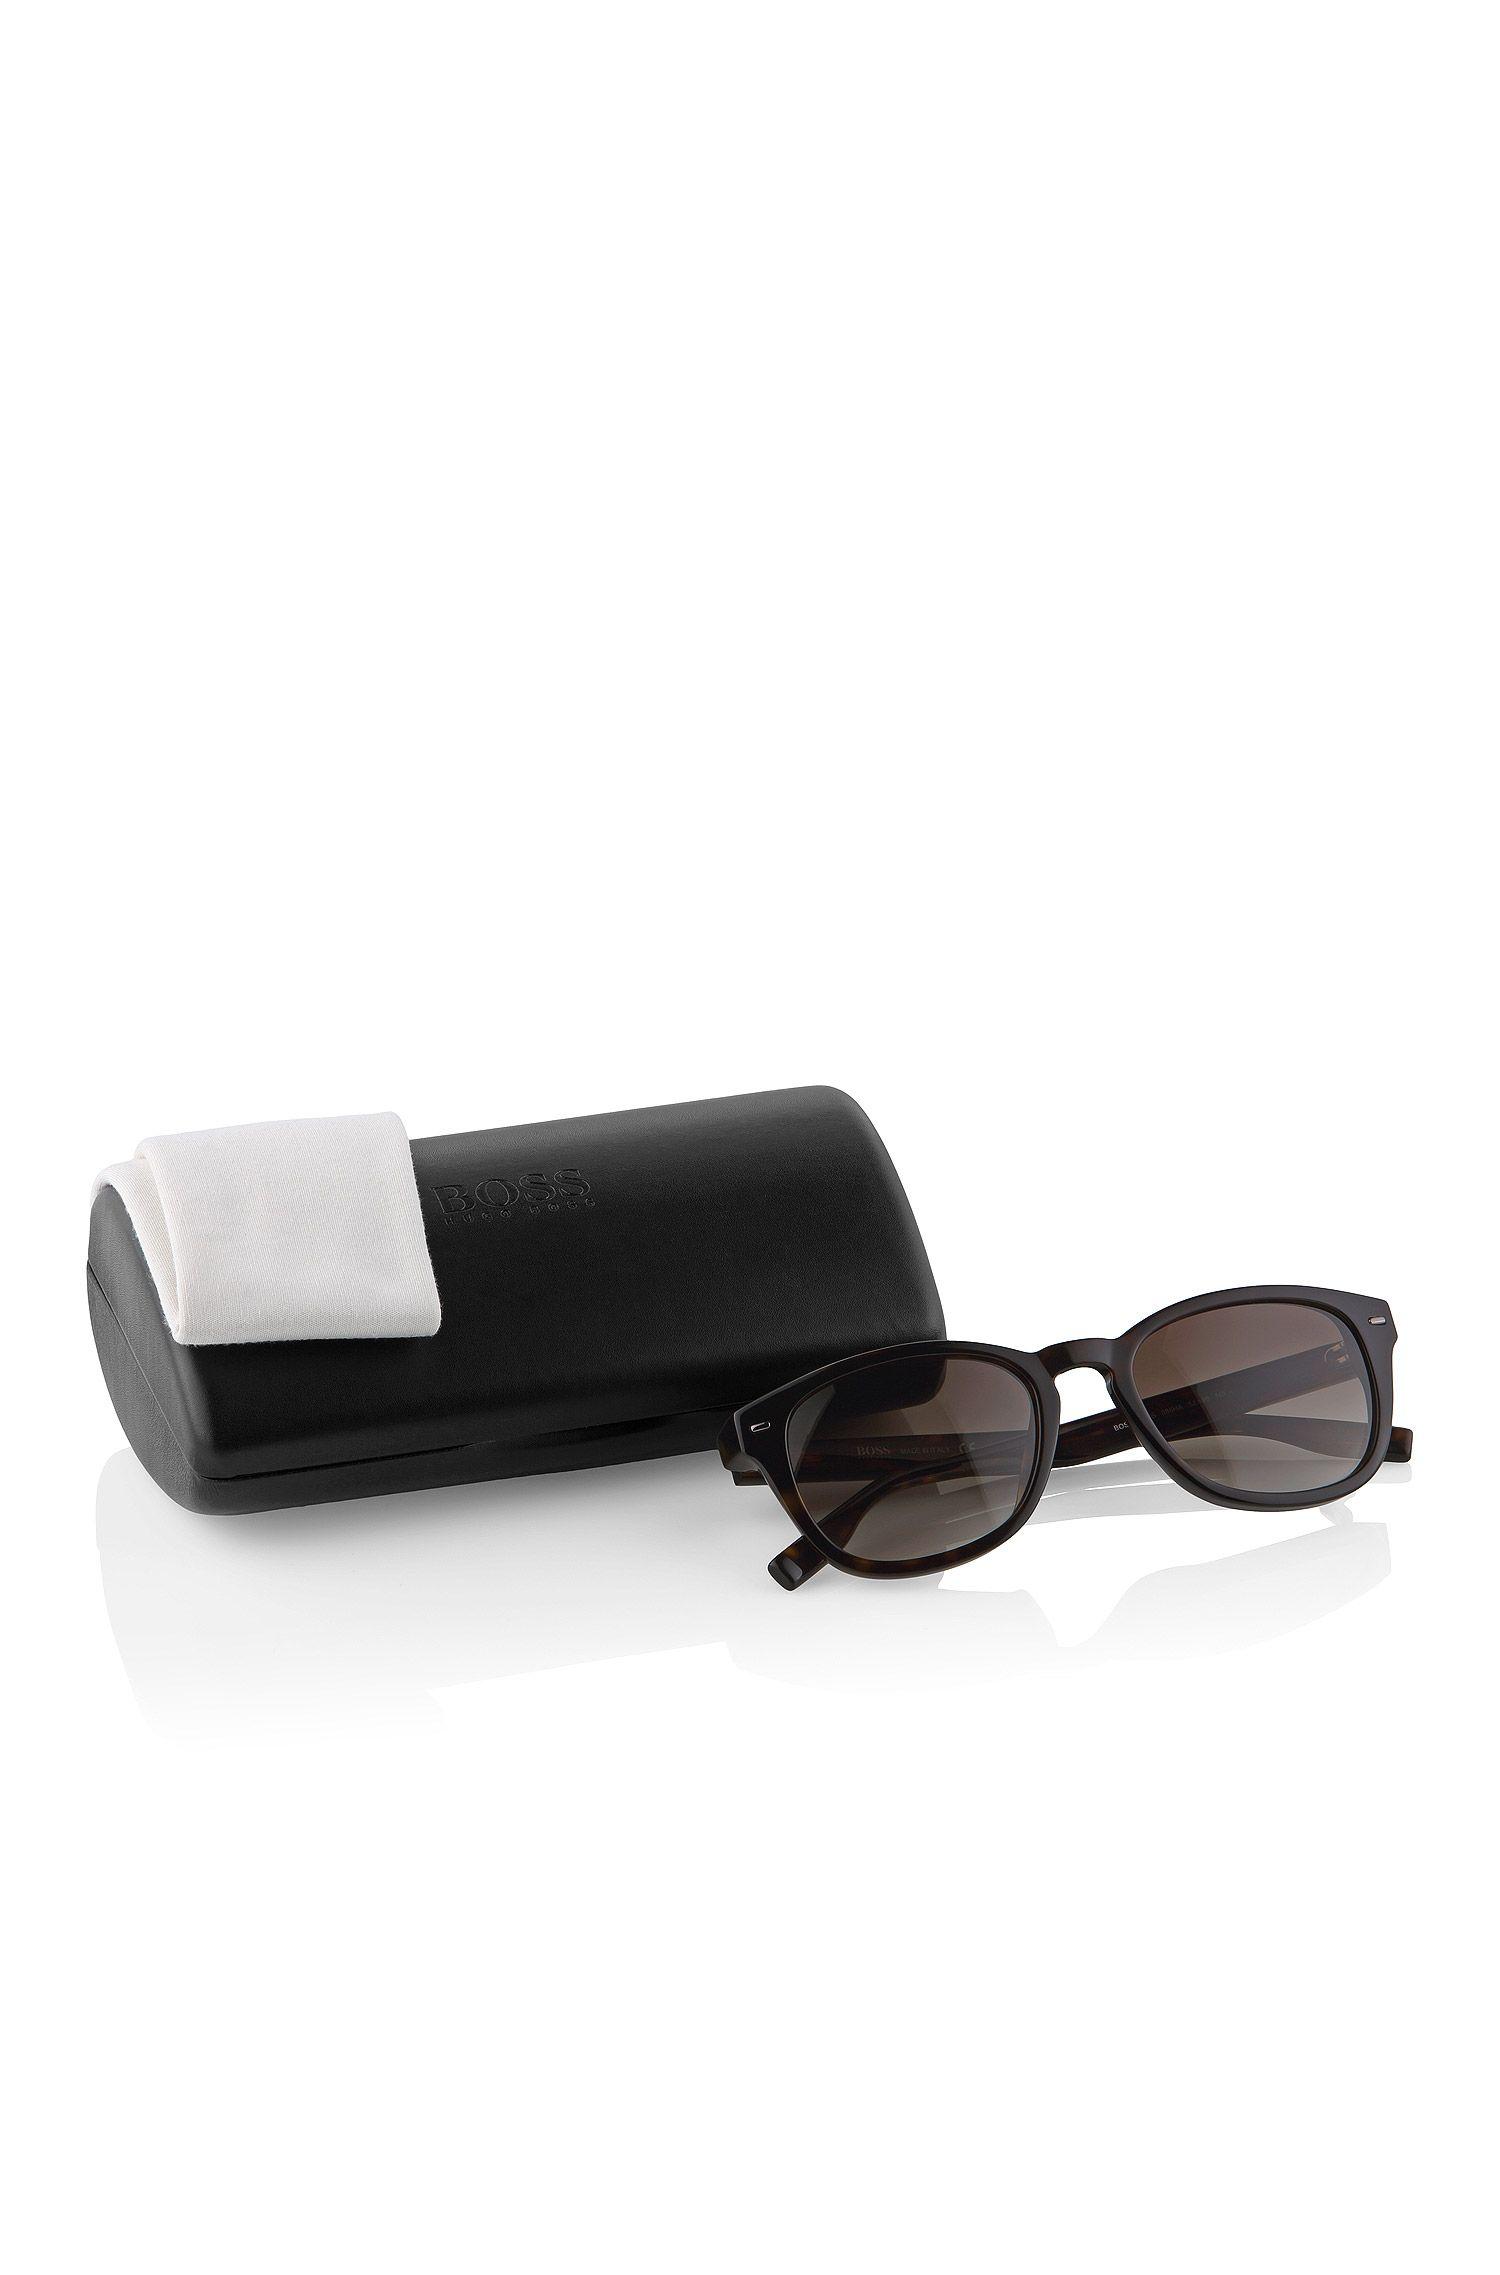 Sonnenbrille ´BOSS 0471/S` im Wayfarer-Stil